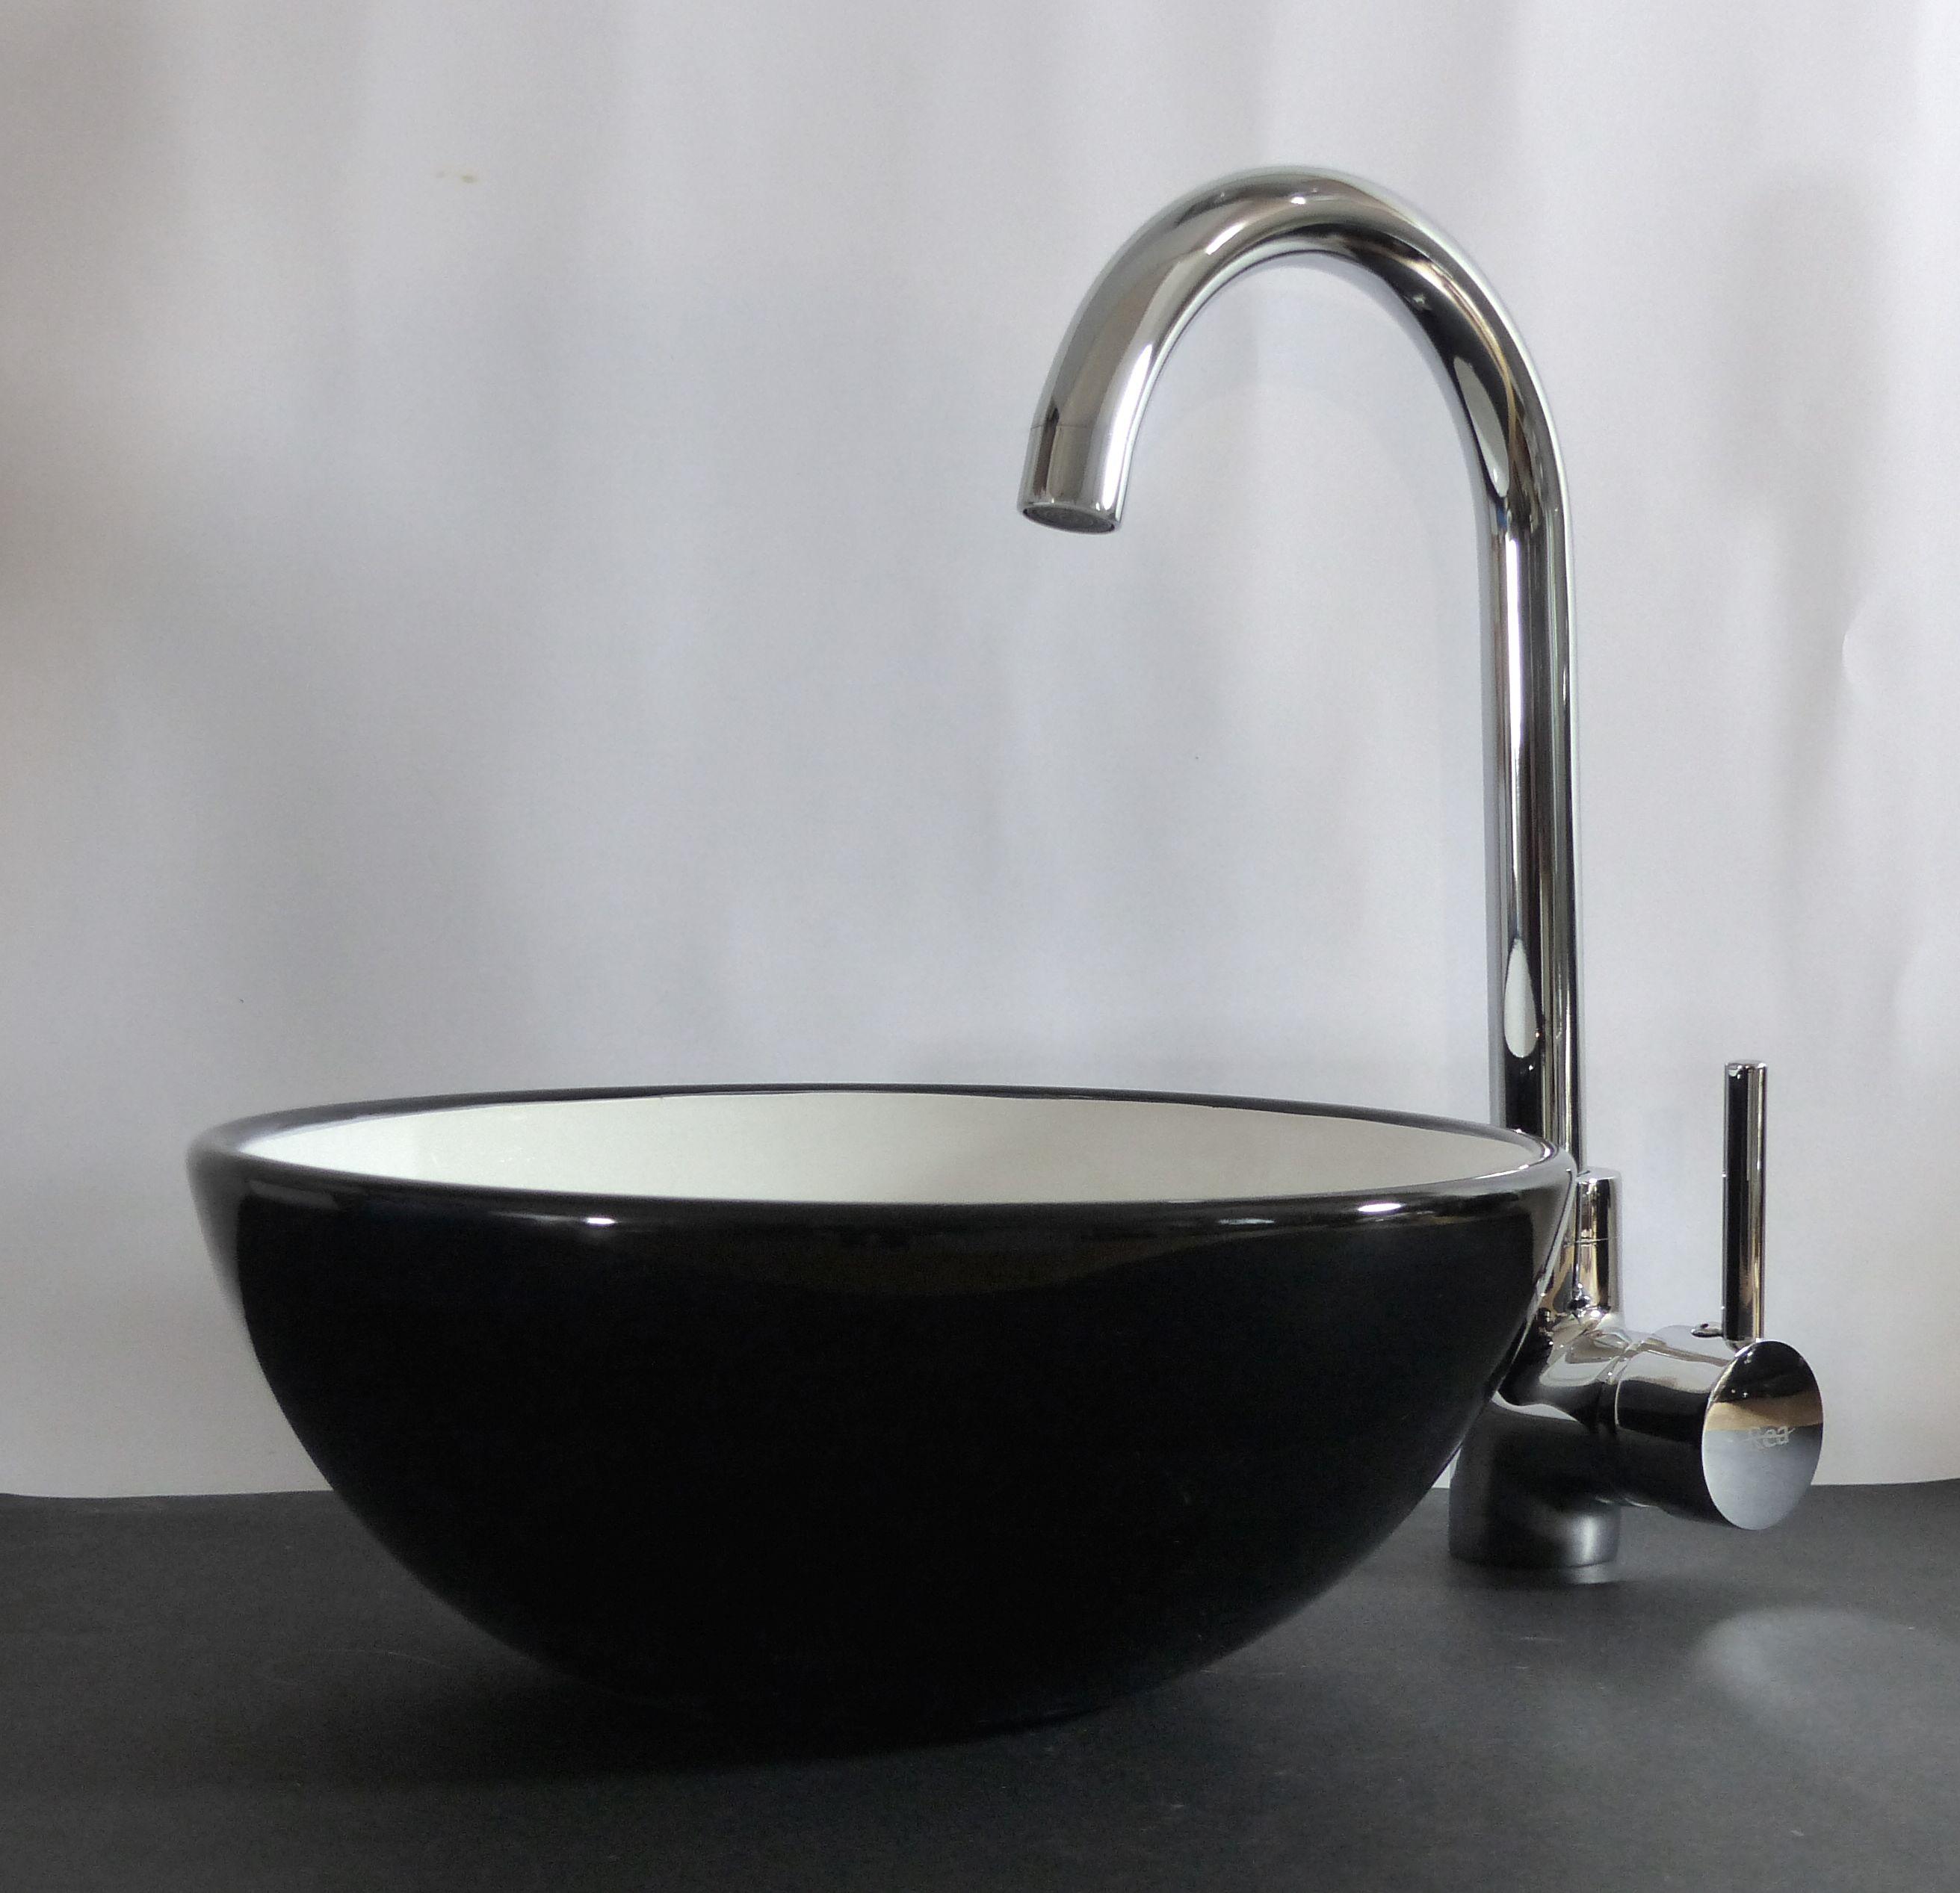 nero badshop keramik aufsatz waschbecken rund 28cm. Black Bedroom Furniture Sets. Home Design Ideas